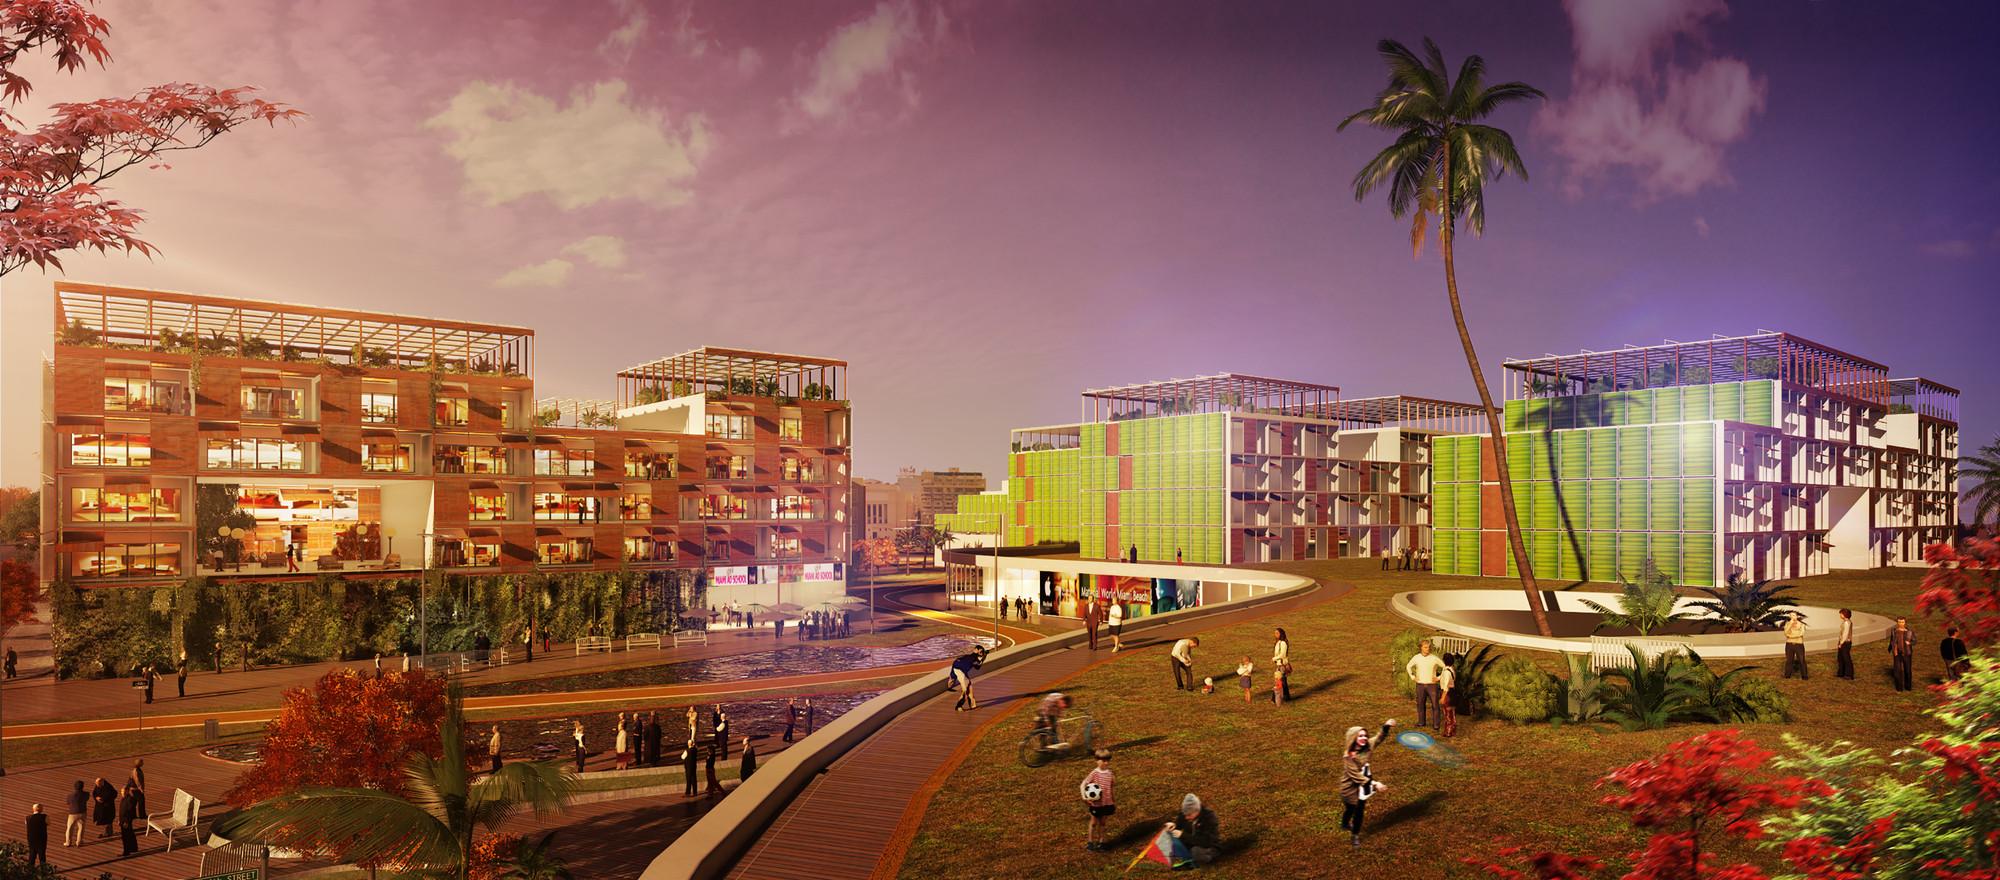 Concurso Internacional 'Architecture at Zero': Symbiosis, viviendas en modo energía cero, Cortesia de Equipo Ganador